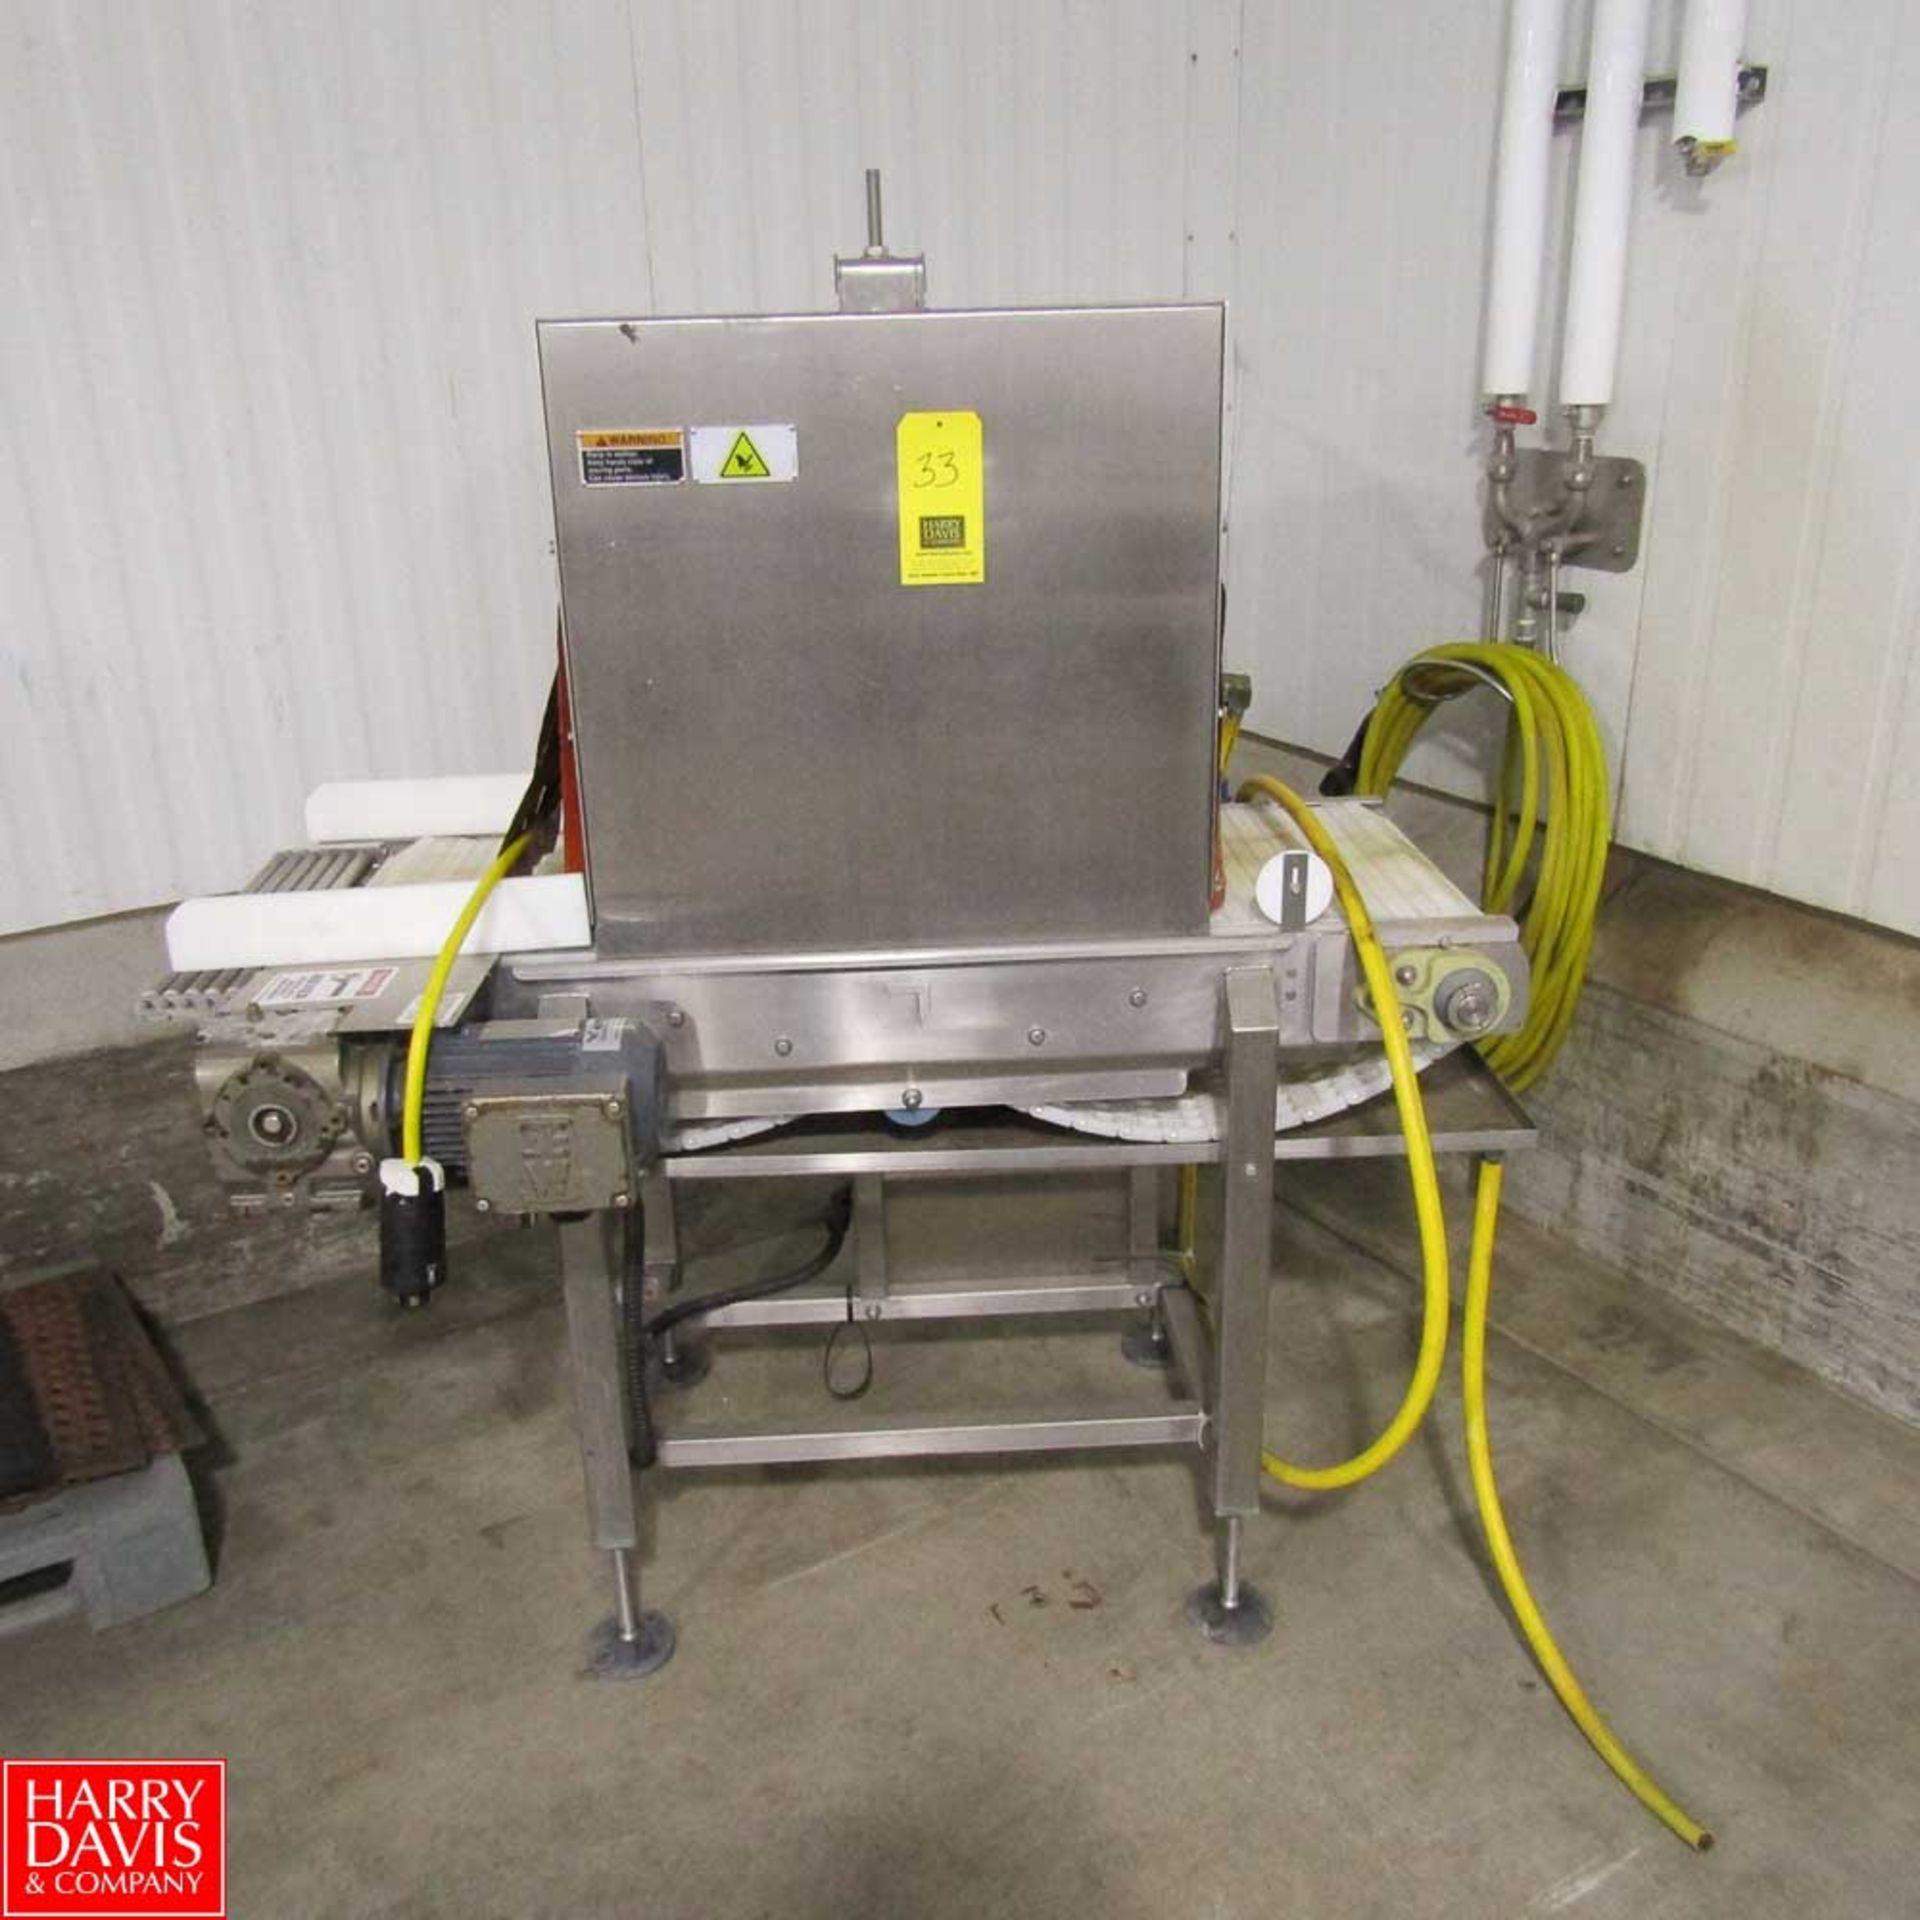 Lot 33 - Cryovac Air Dryer Model 6684B-0420 : SN 70417003901 Rigging Fee: 250